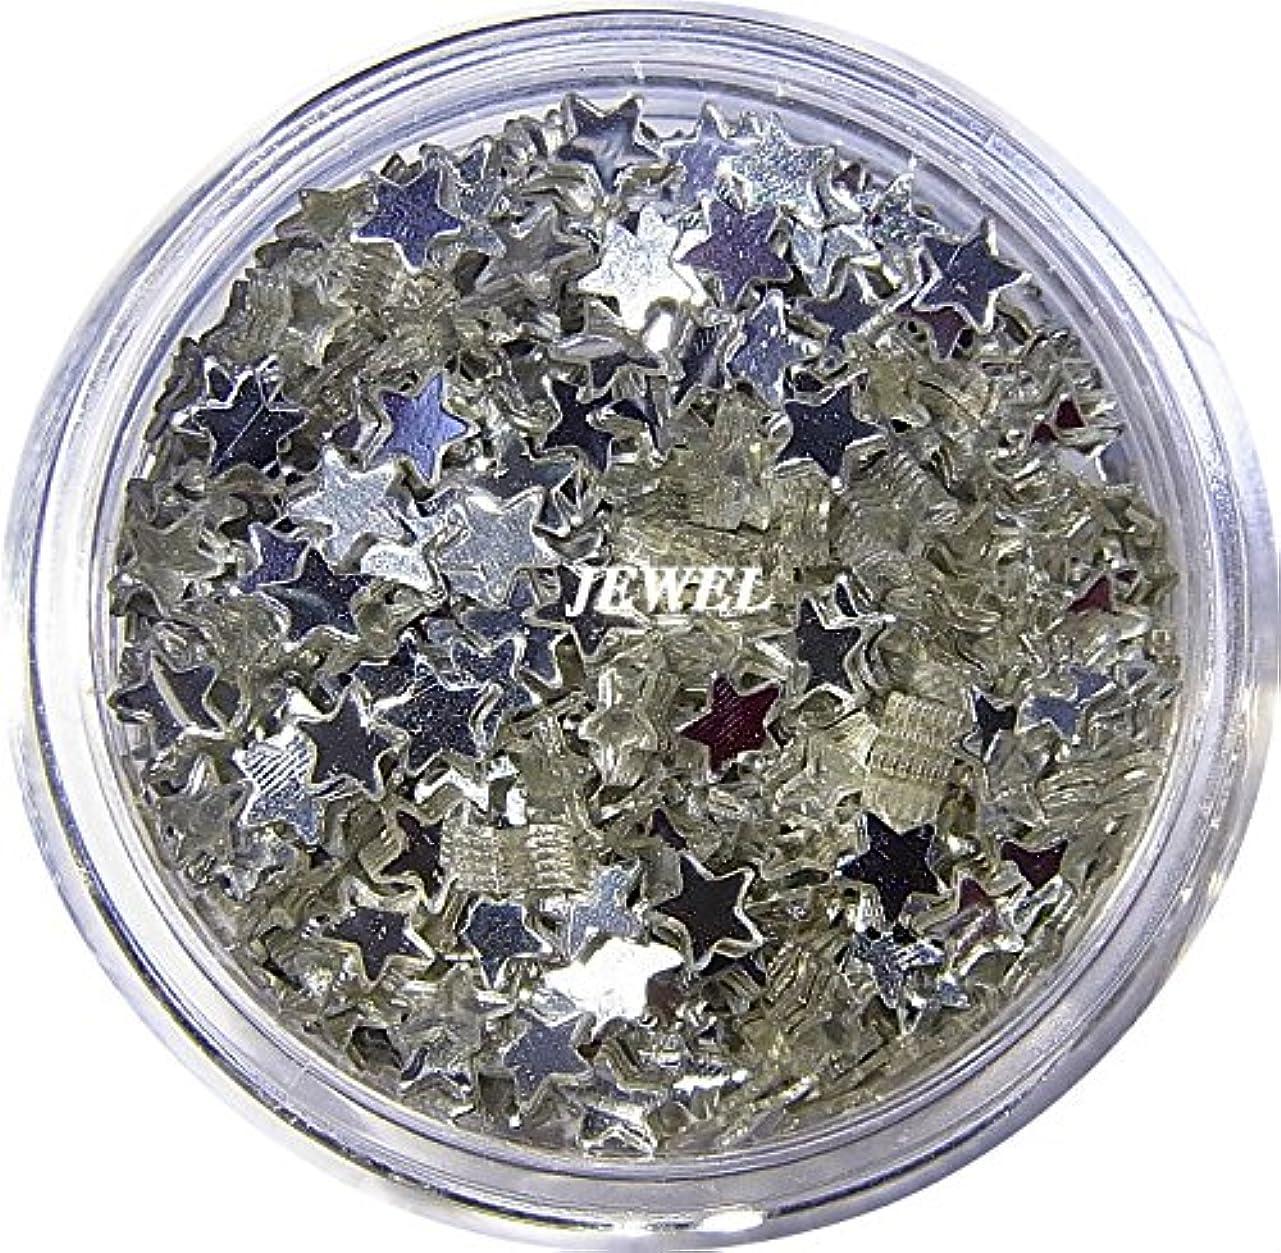 役に立たないさまようアセンブリ【jewel】 星ホログラム 2.5mm シルバー スター 2g入り レジン&ネイル用